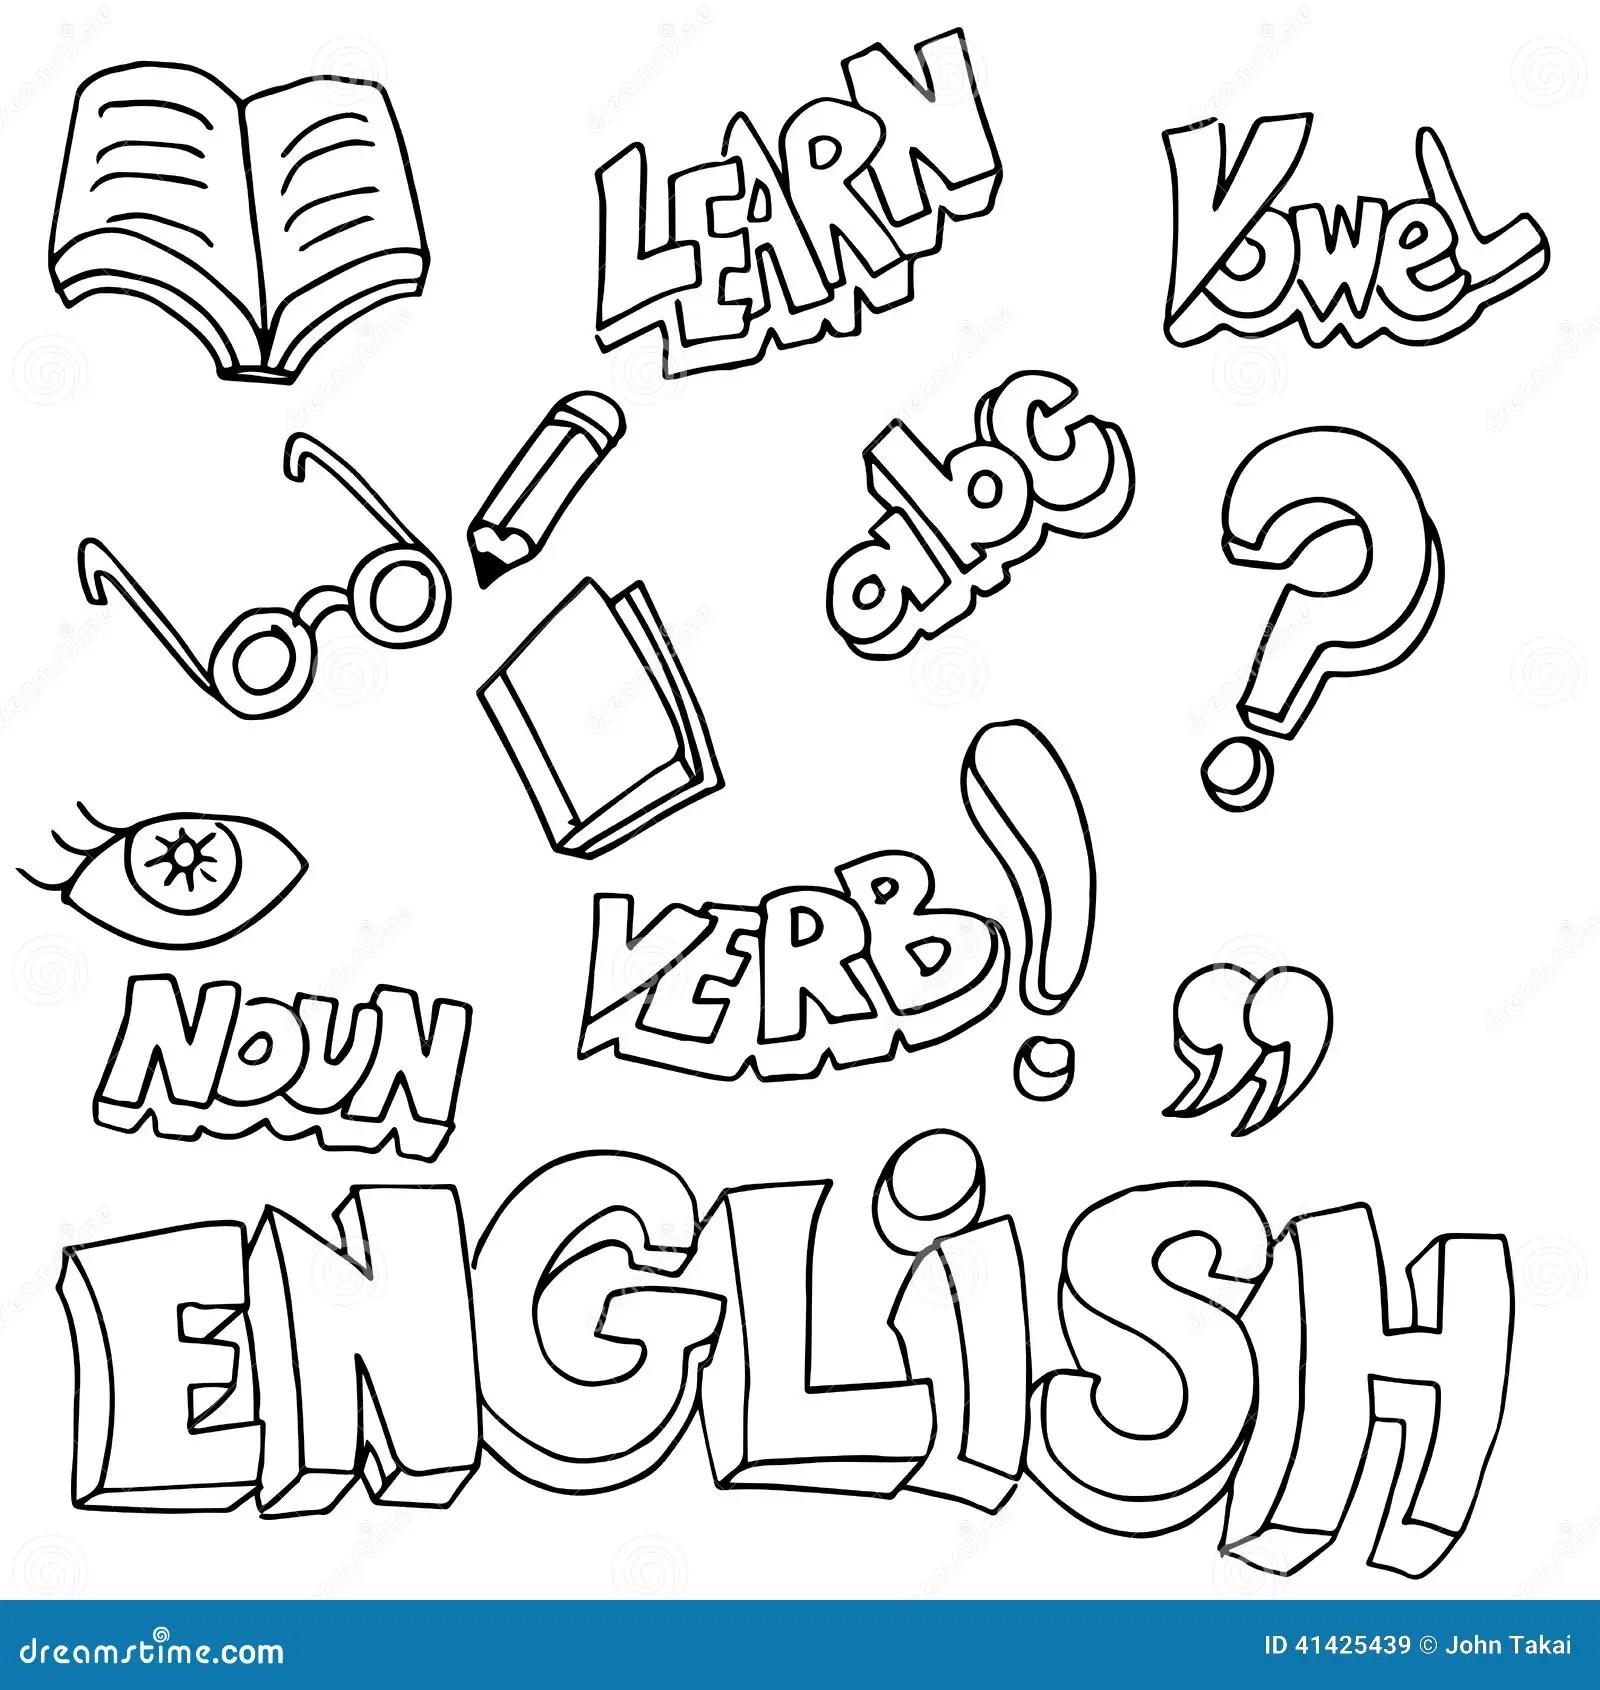 Englische Symbole Und Lernen-Einzelteile Vektor Abbildung